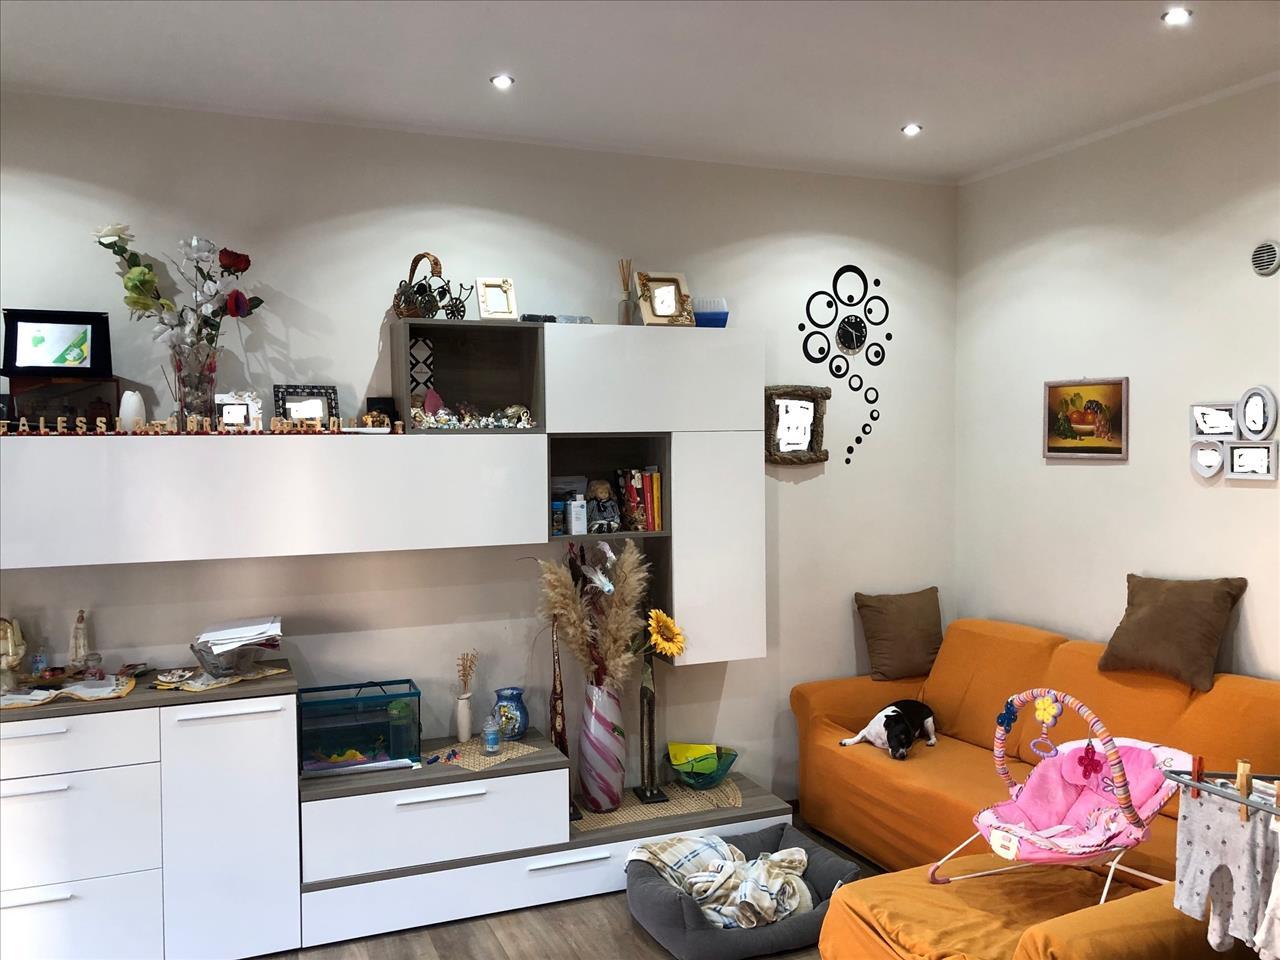 Appartamento in vendita a San Giorgio Piacentino, 3 locali, prezzo € 100.000 | CambioCasa.it